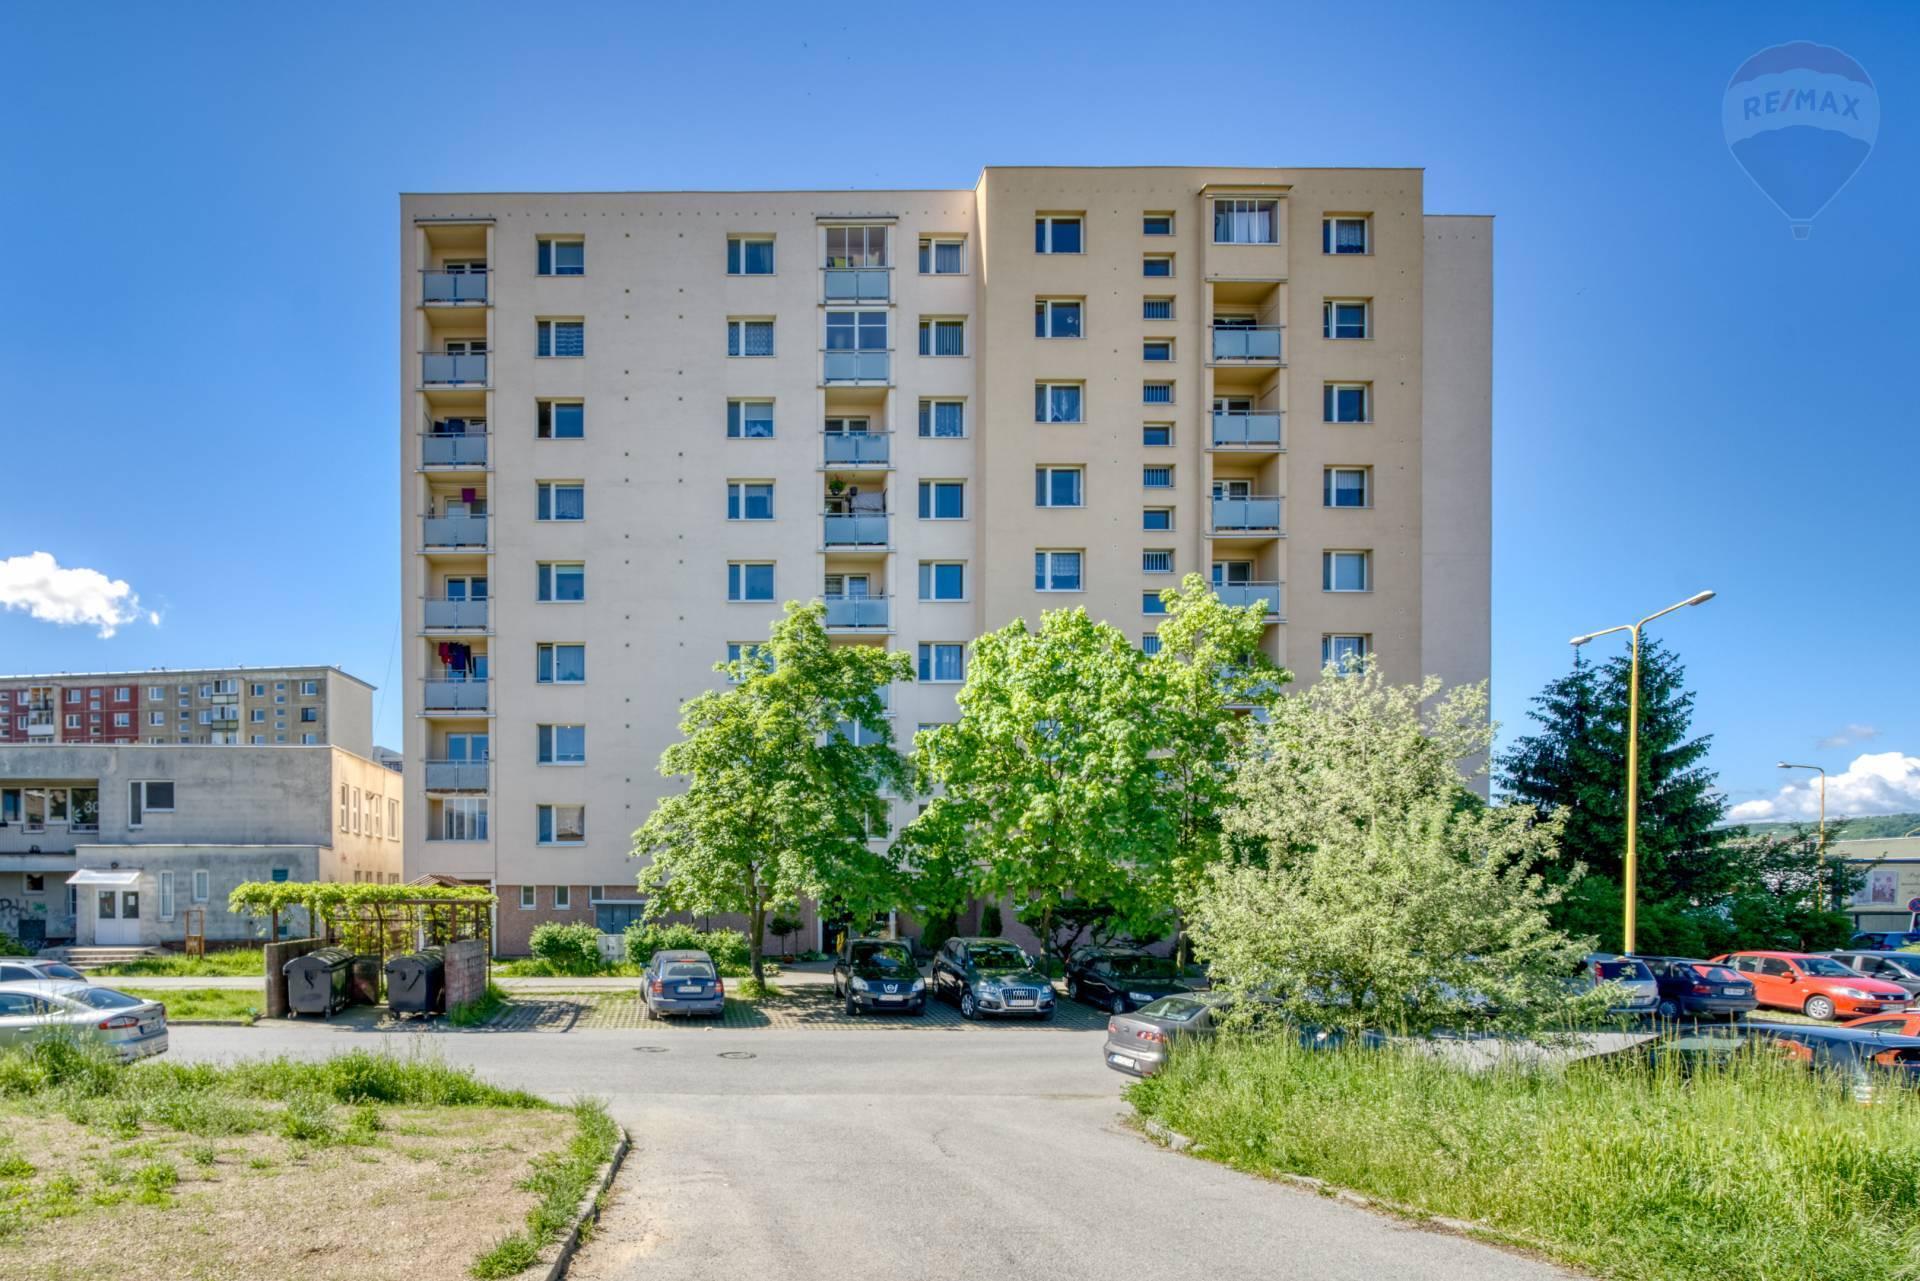 3 izbový byt s loggiou na predaj, Čergovská ulica, Prešov